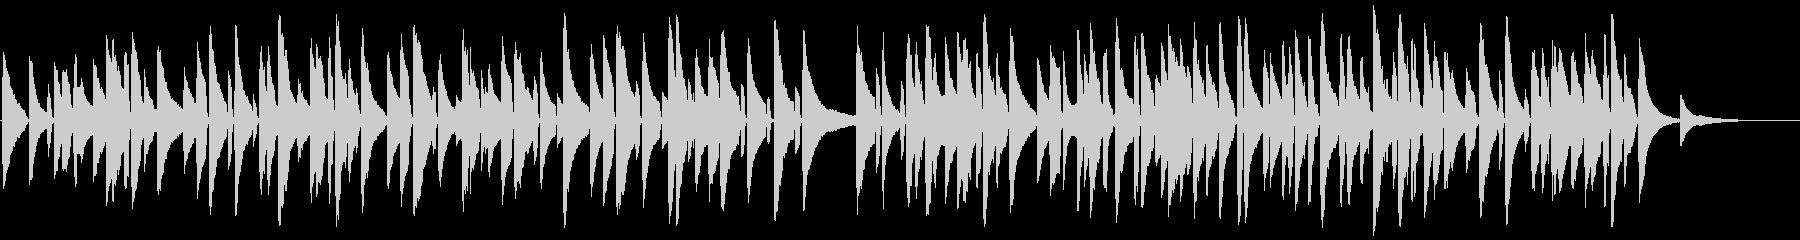 Shiodokiの未再生の波形